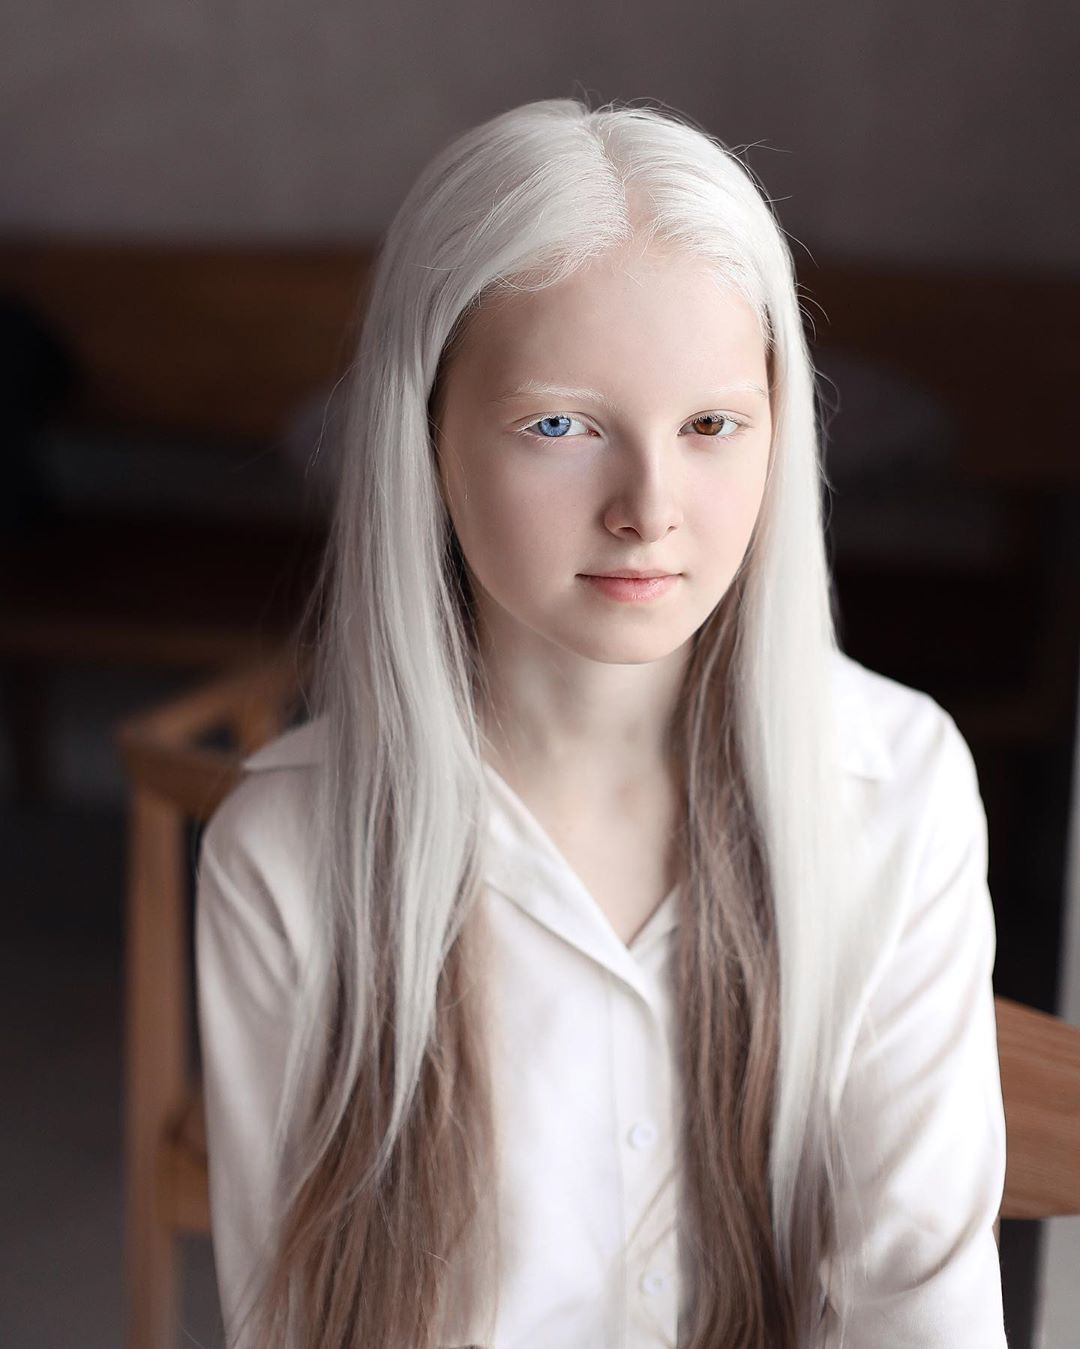 Garota chechena atordoa a Internet com sua beleza sobrenatural 08